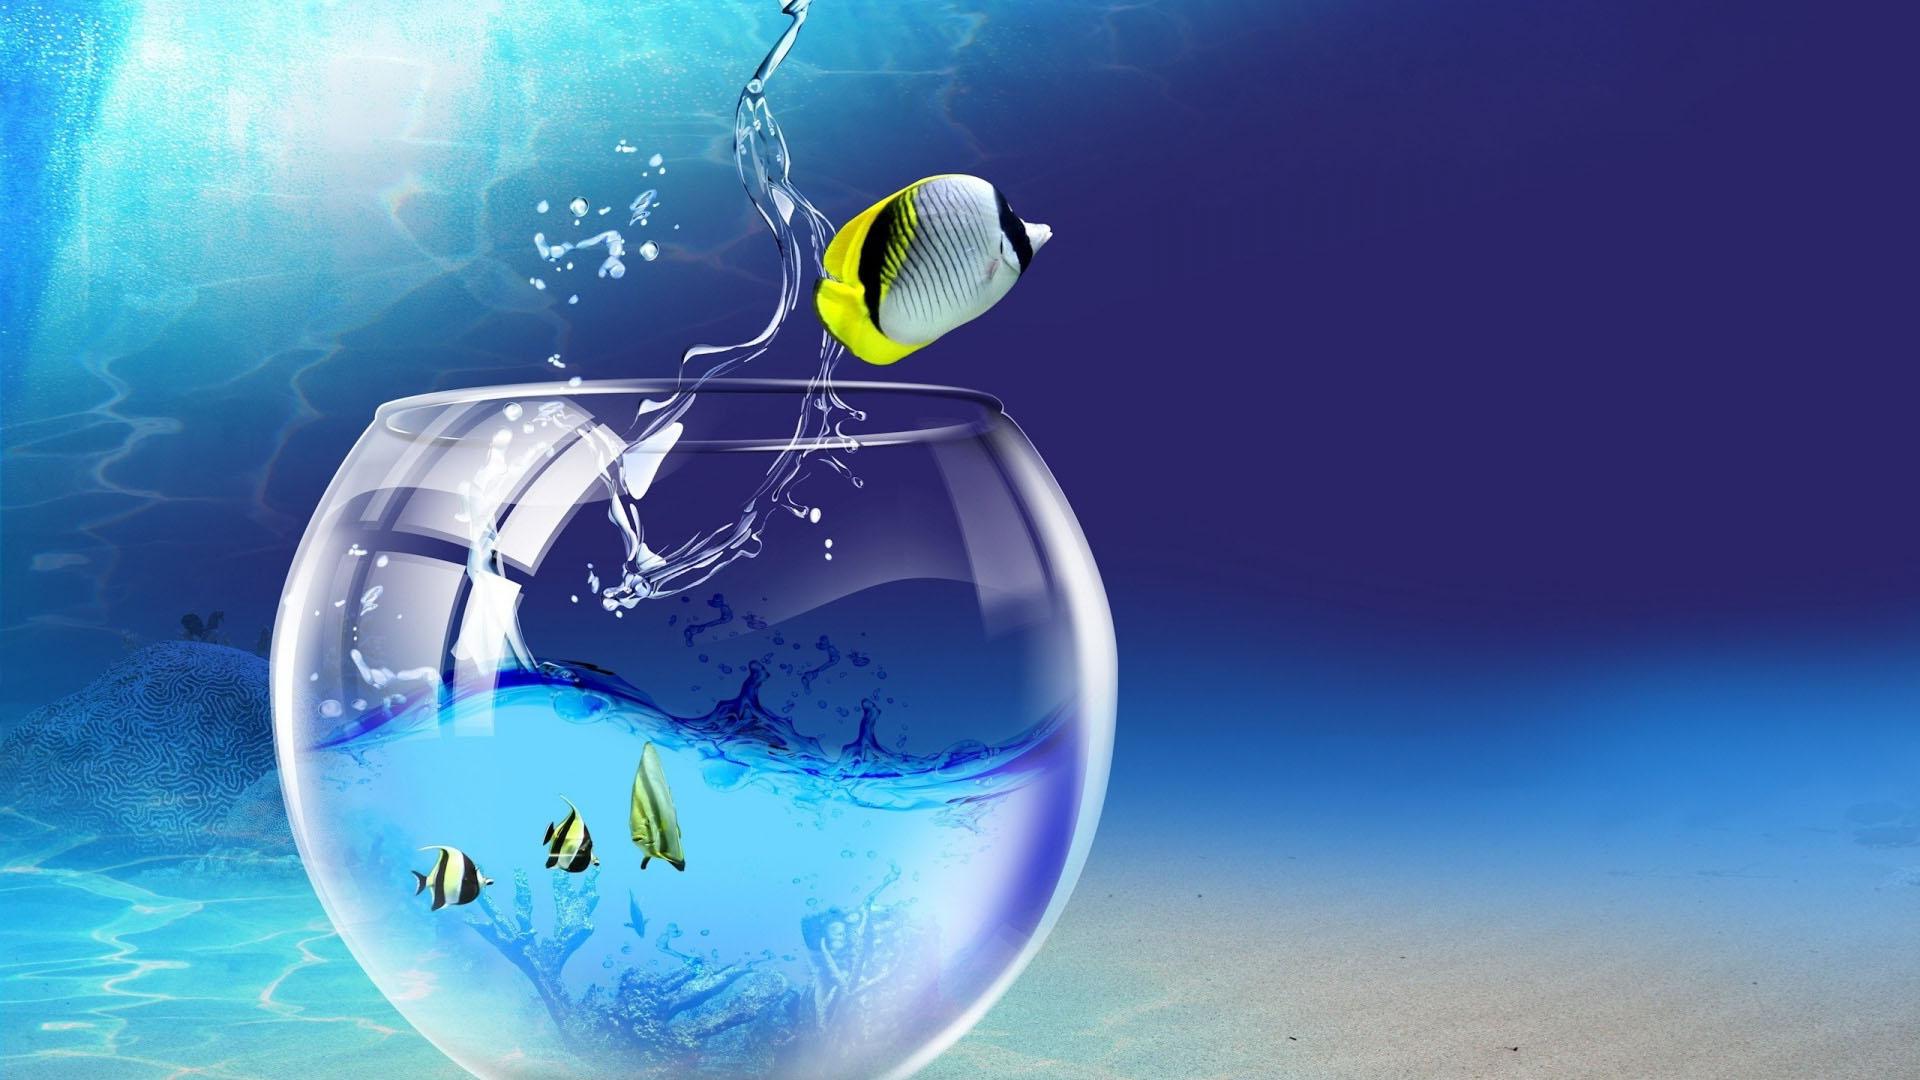 Обои подводный аквариум для рабочего